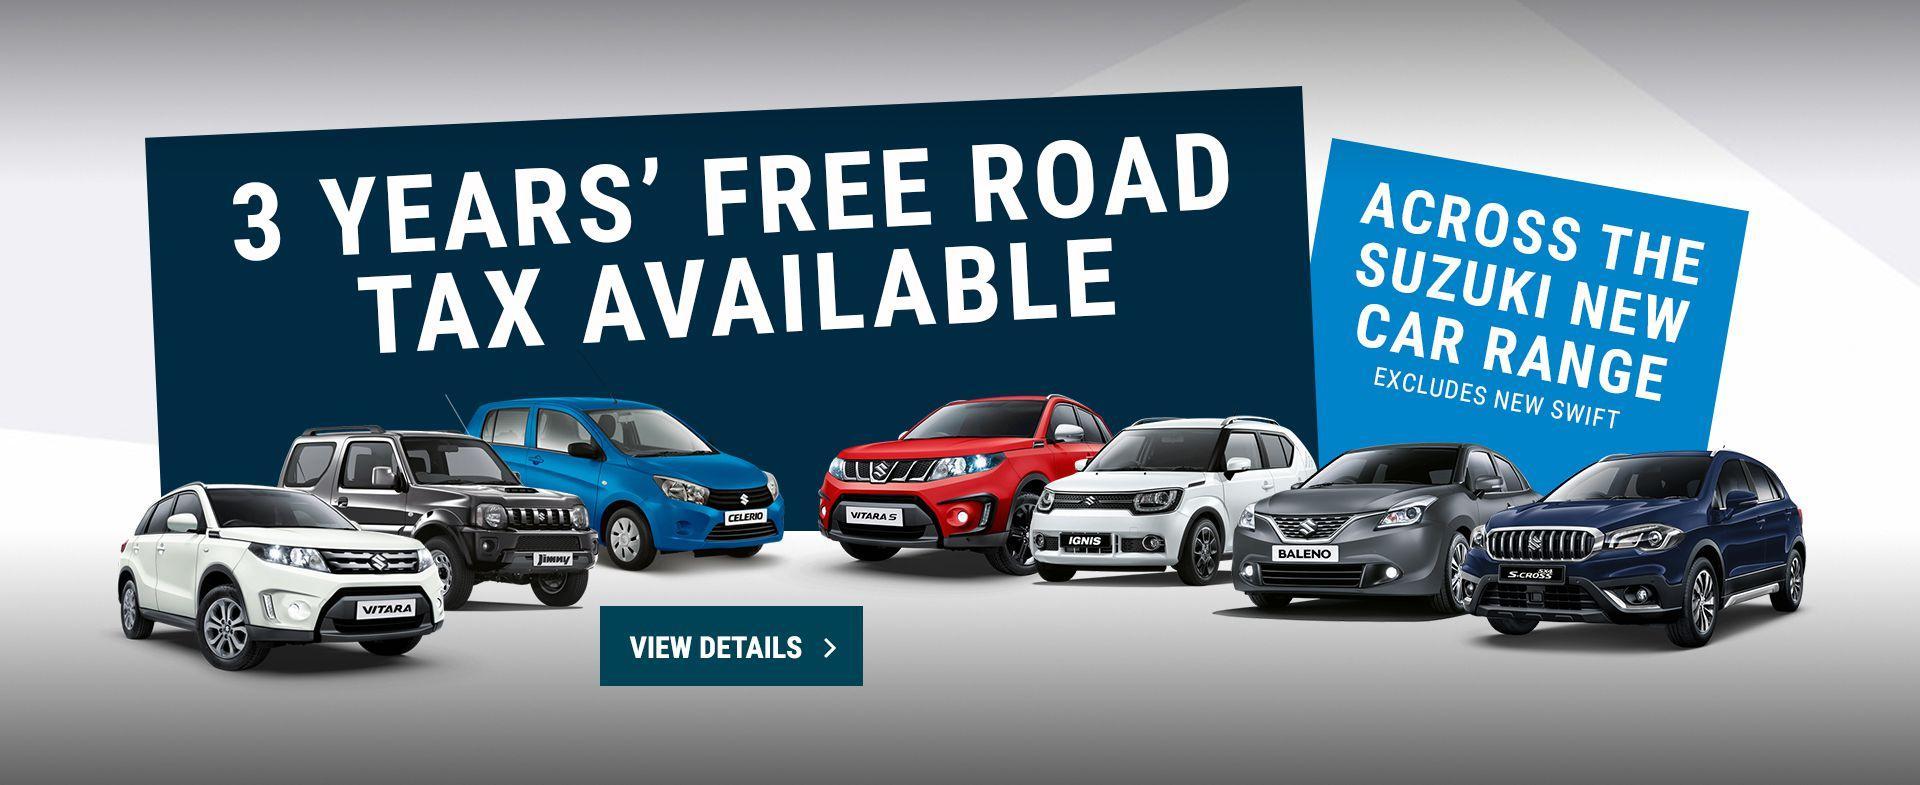 Suzuki range free road tax